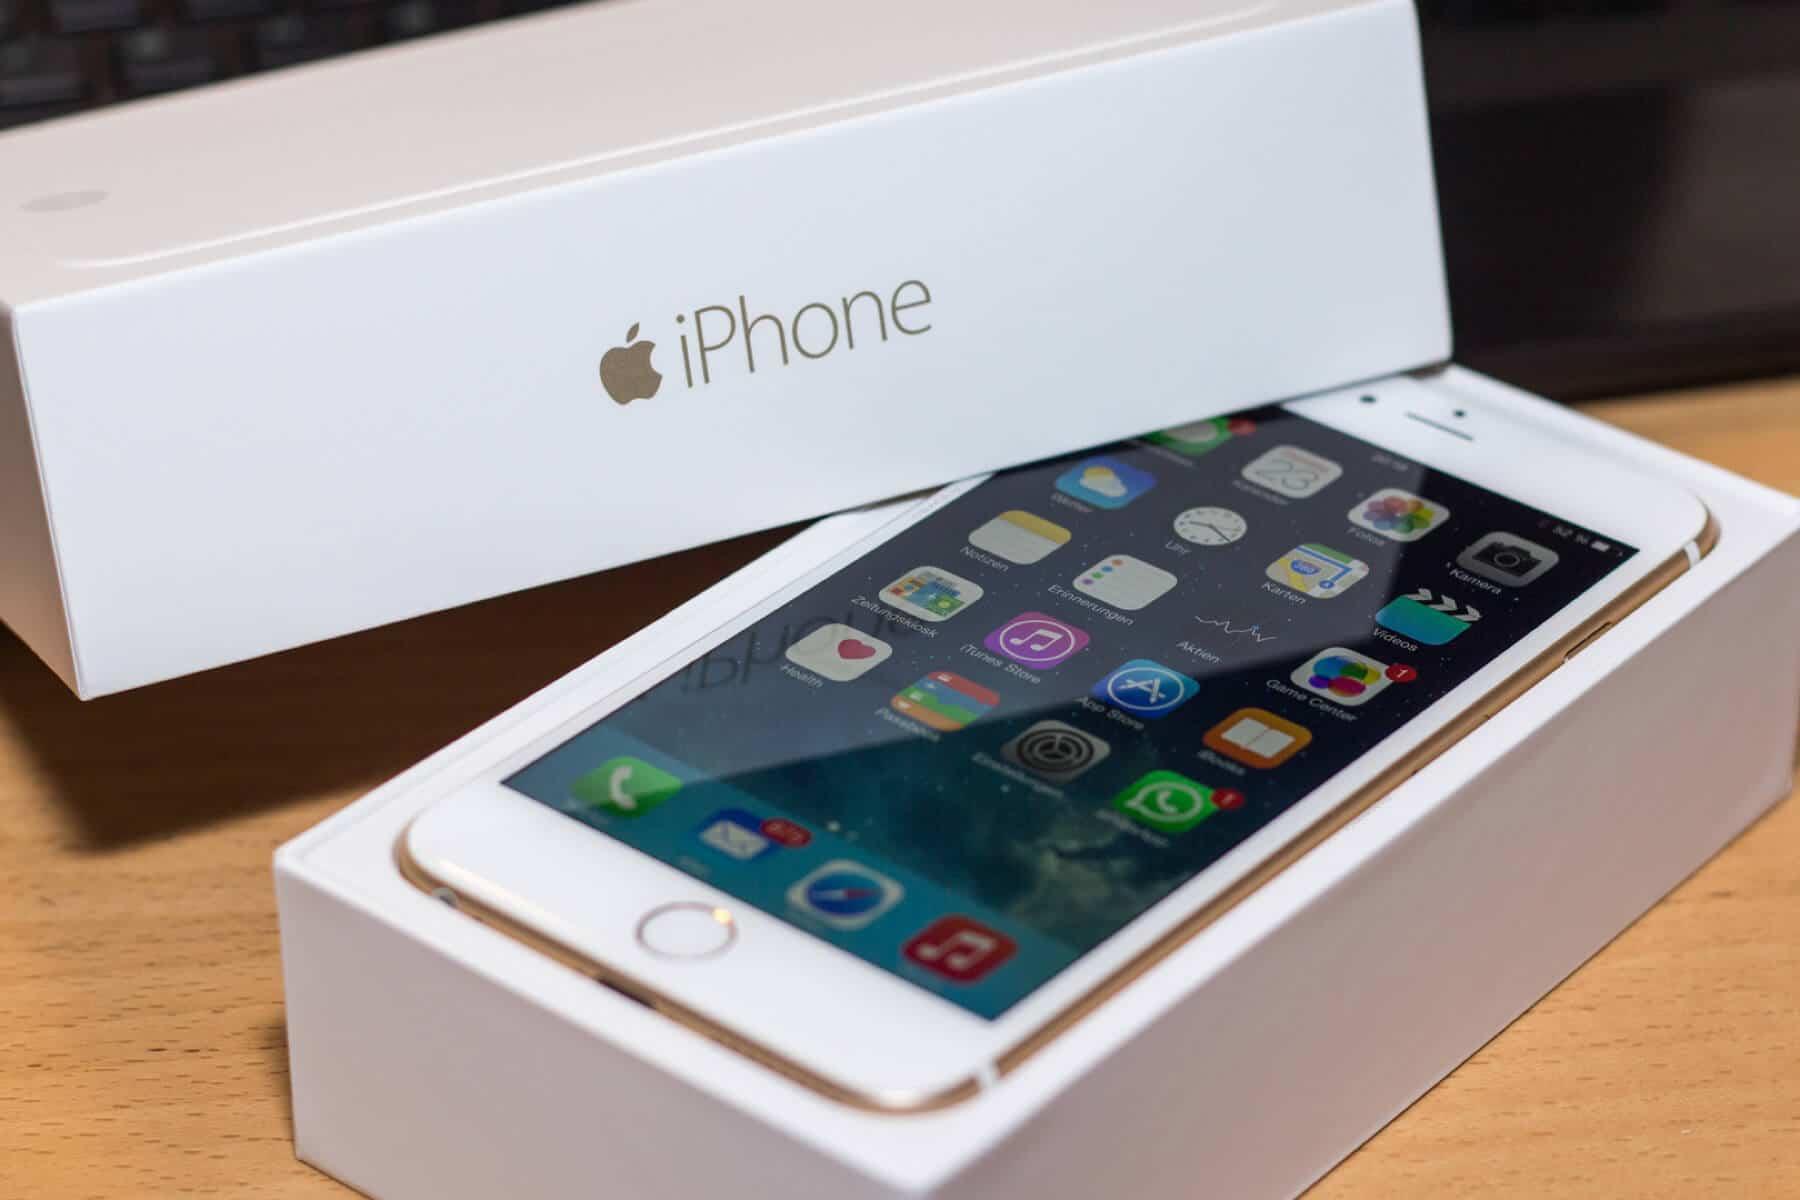 iPhone 6 подешевел в России на фоне подорожания